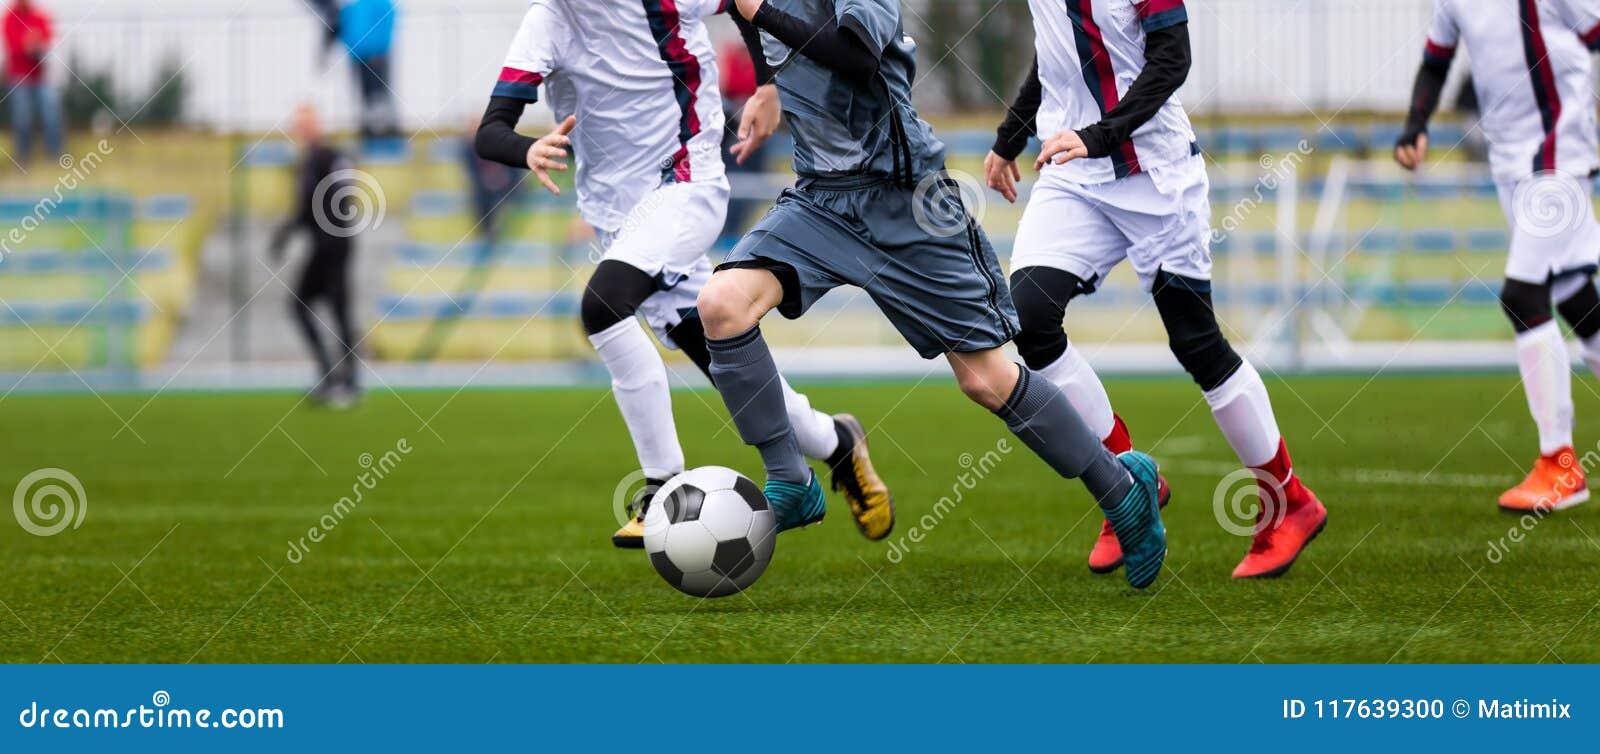 小字辈橄榄球比赛 青年球员的足球赛 参加在橄榄球球场的男孩足球比赛